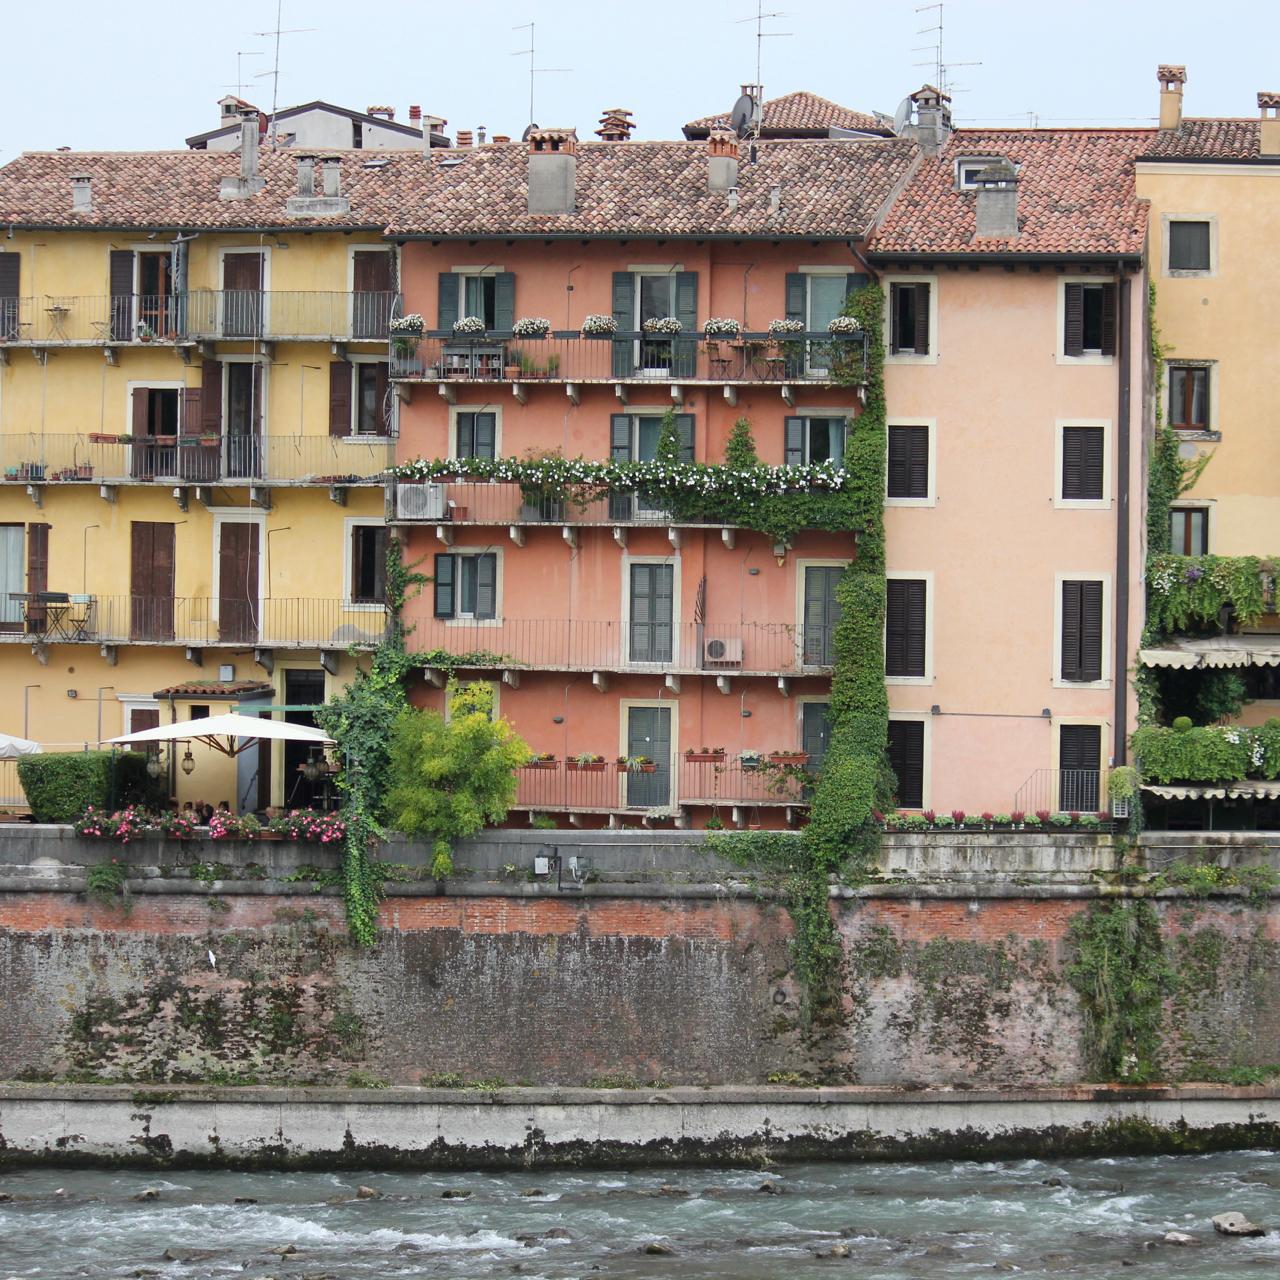 Verona, Italy - 16